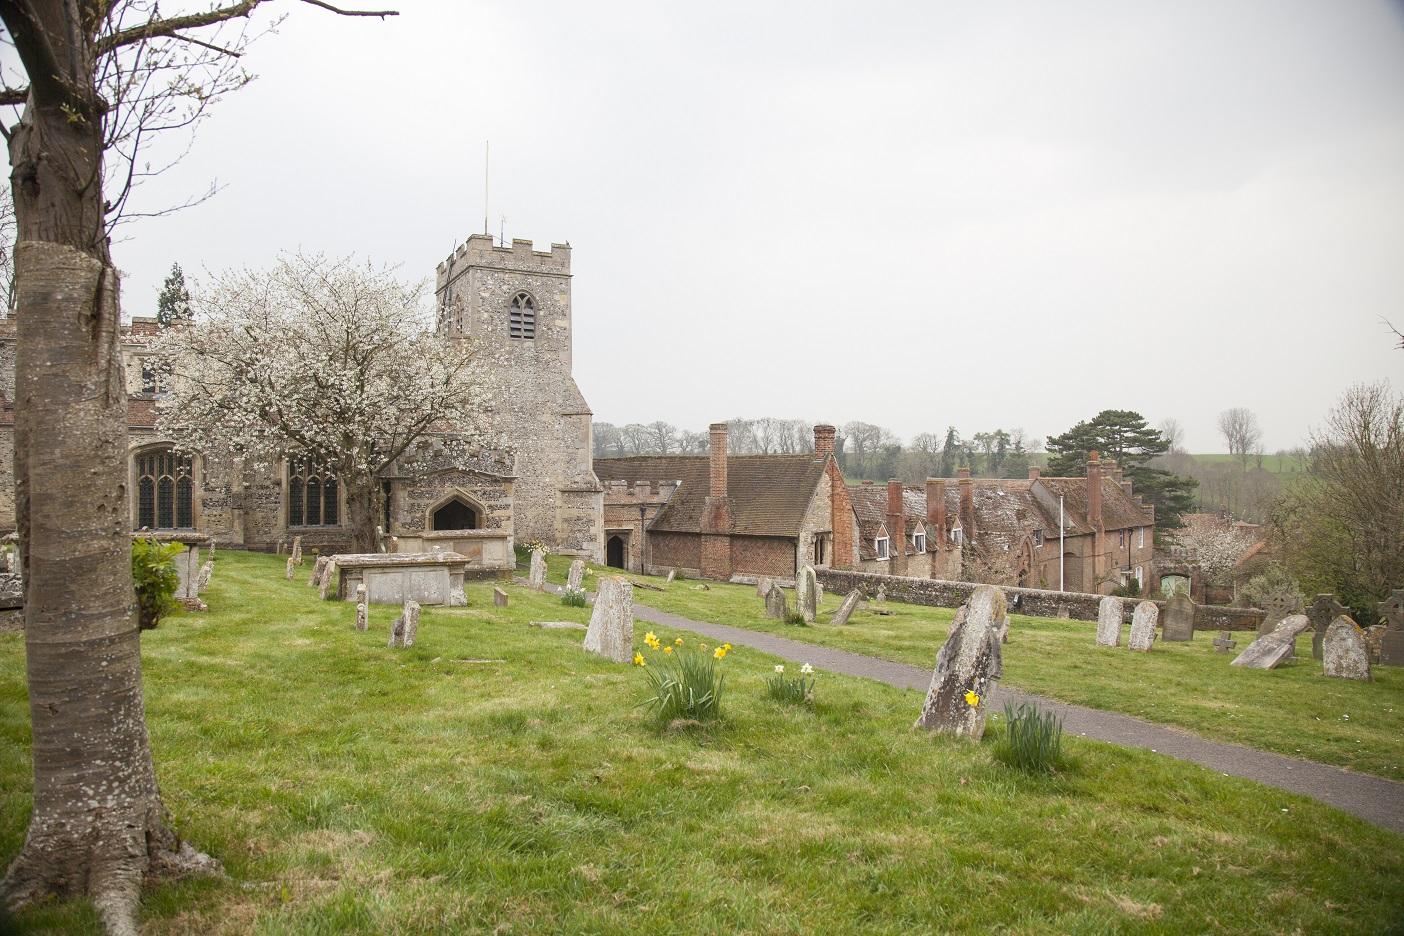 Oxfordshire leent zich uitstekend voor spannende verhalen